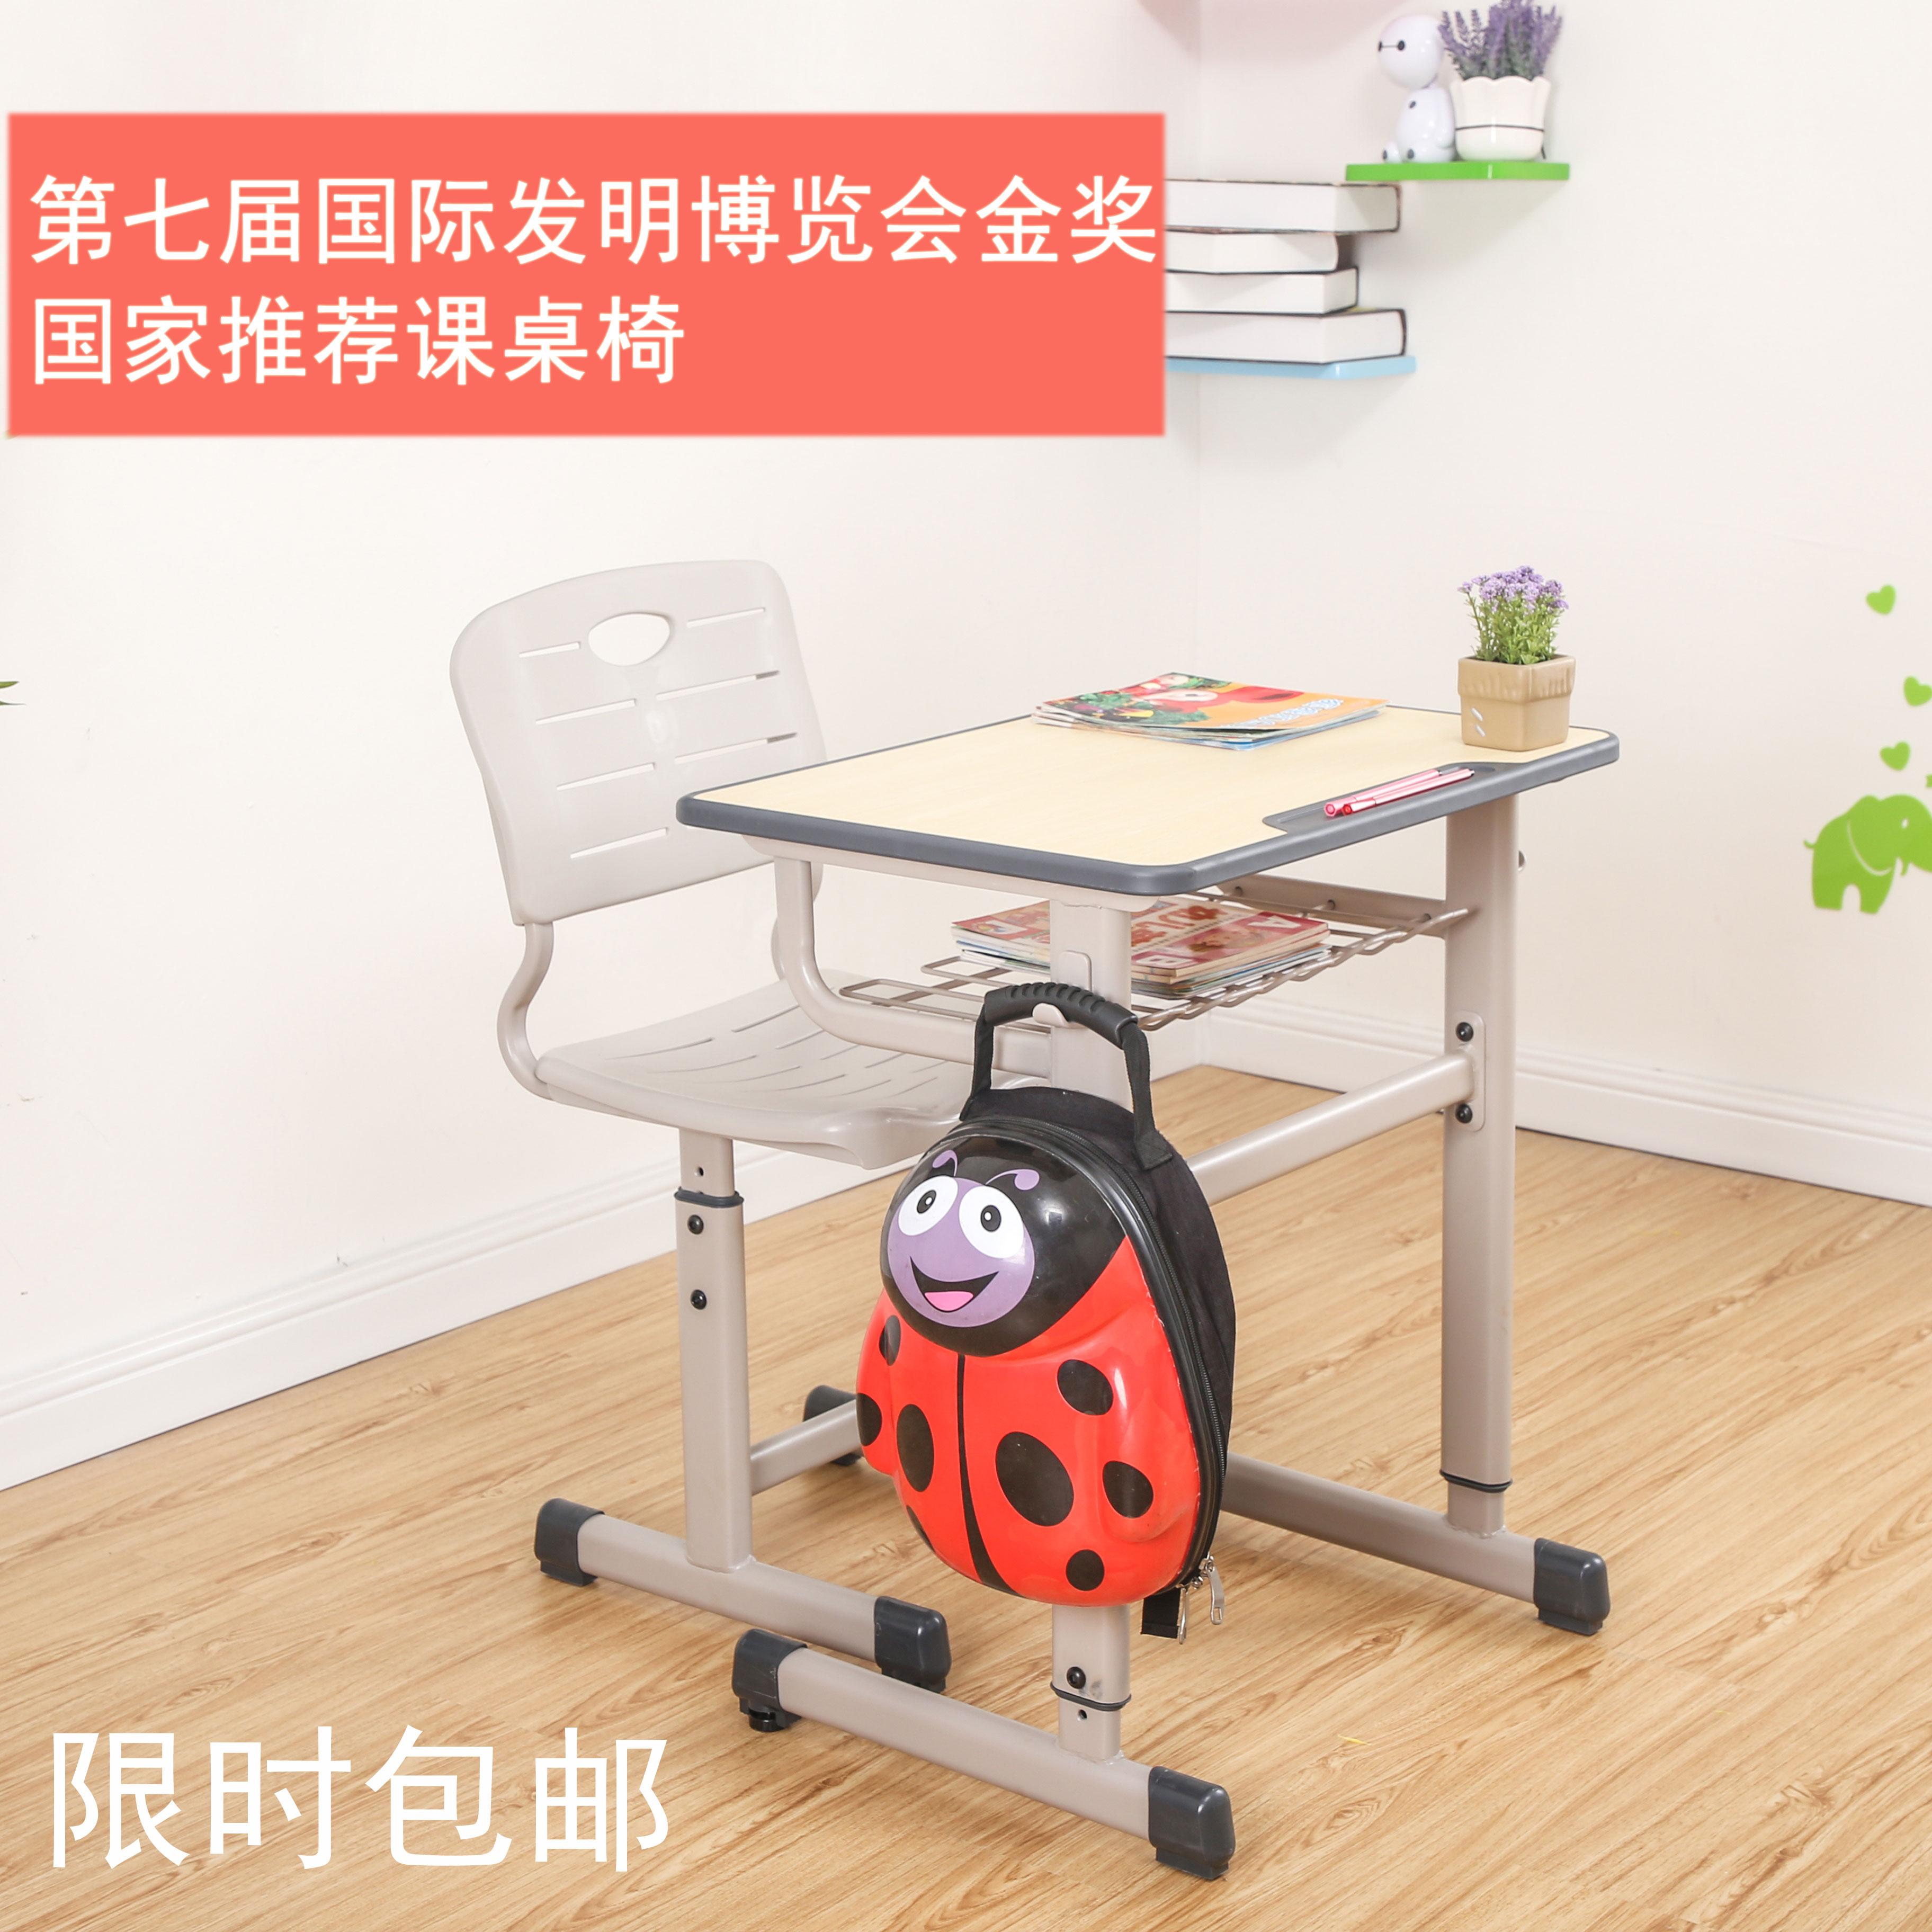 课桌椅套装 培训 单人